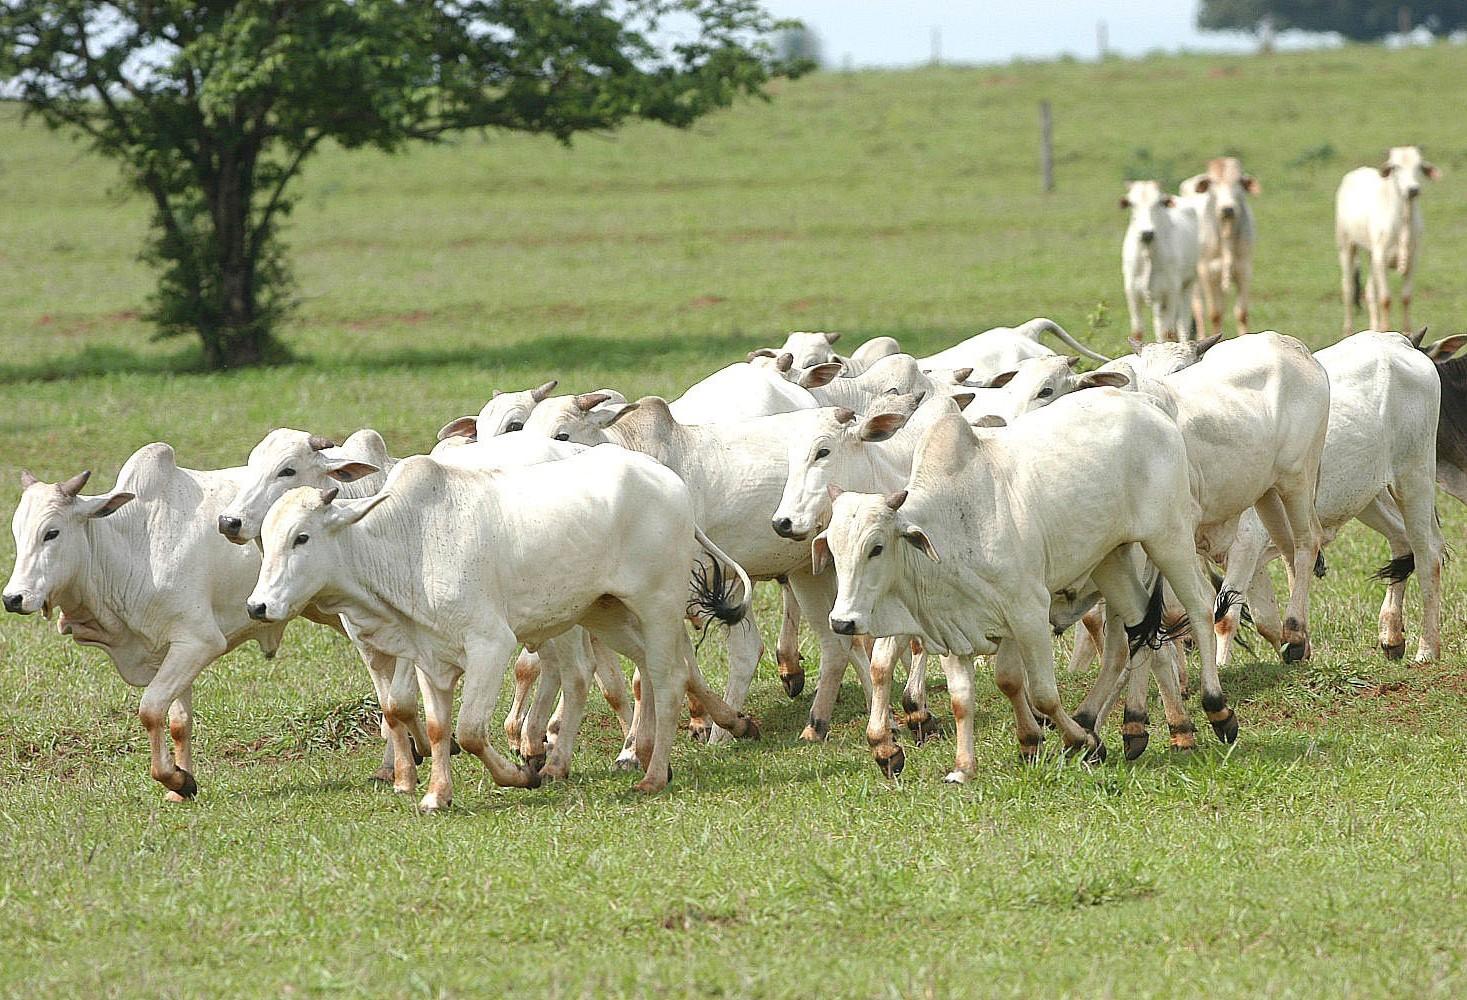 Arroba do boi gordo custa R$ 147 em Umuarama